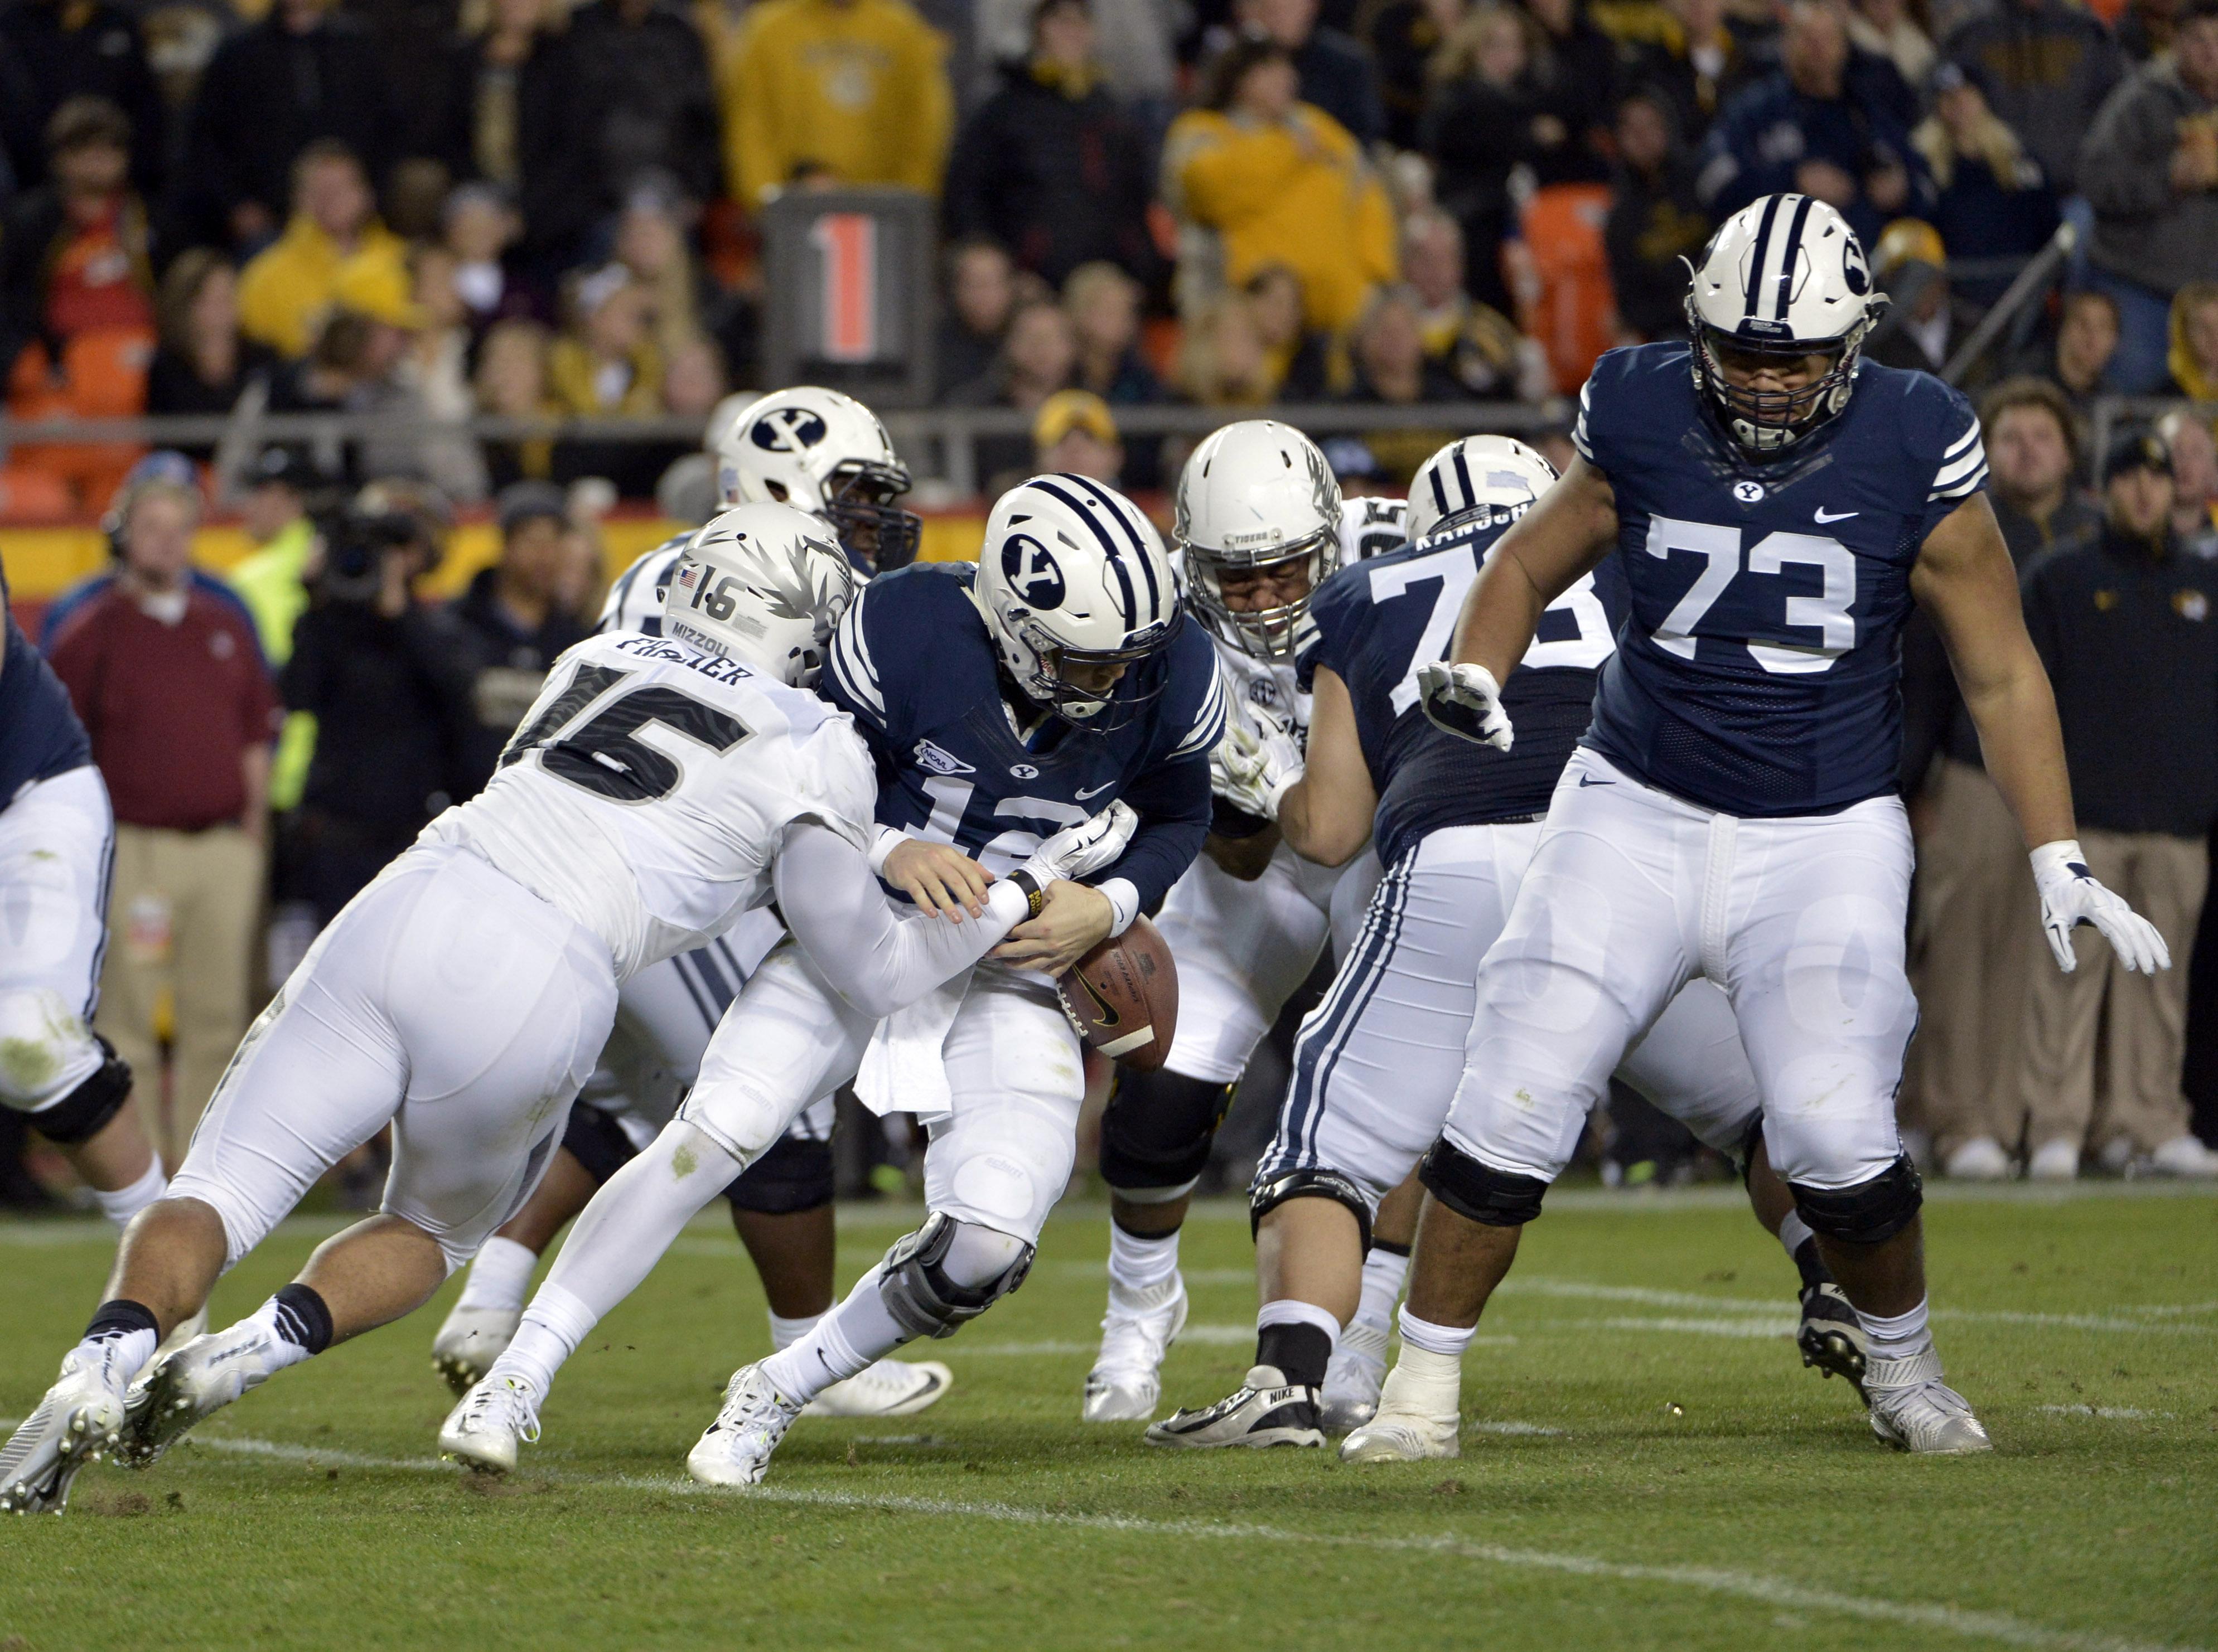 NCAA Football: Brigham Young at Missouri